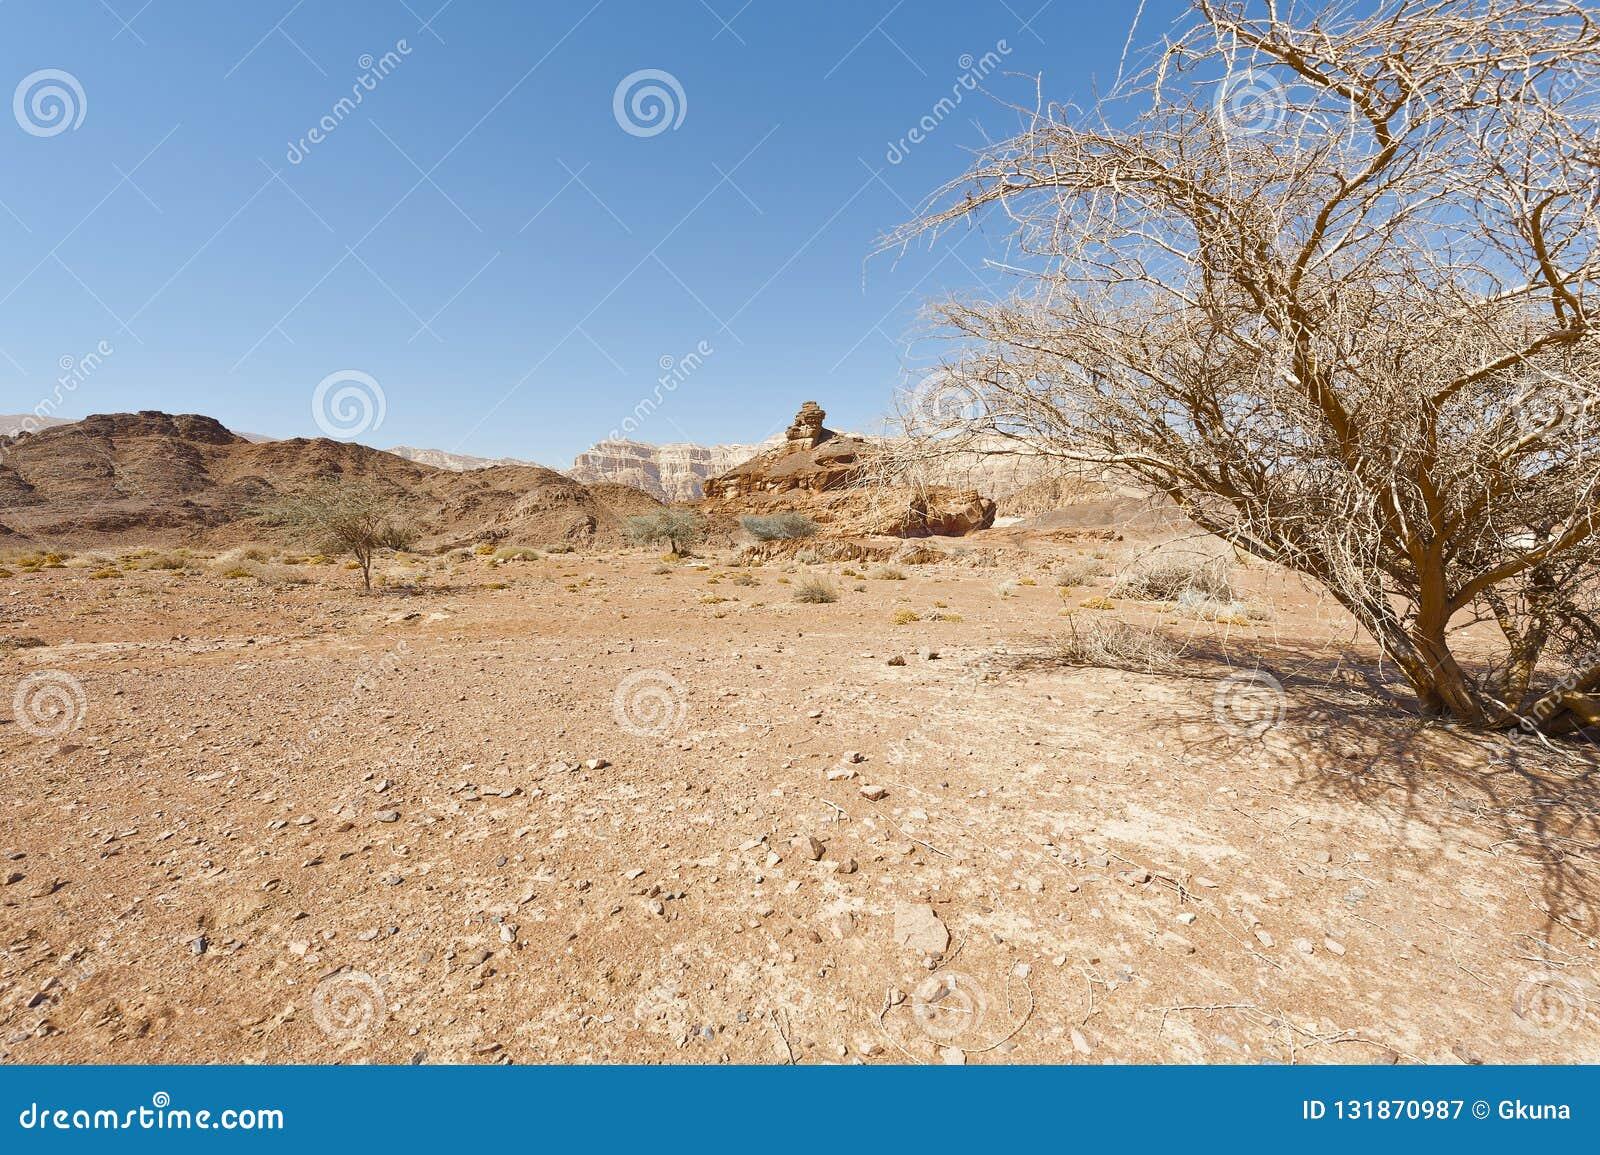 Melancolía y vacío del desierto en Israel